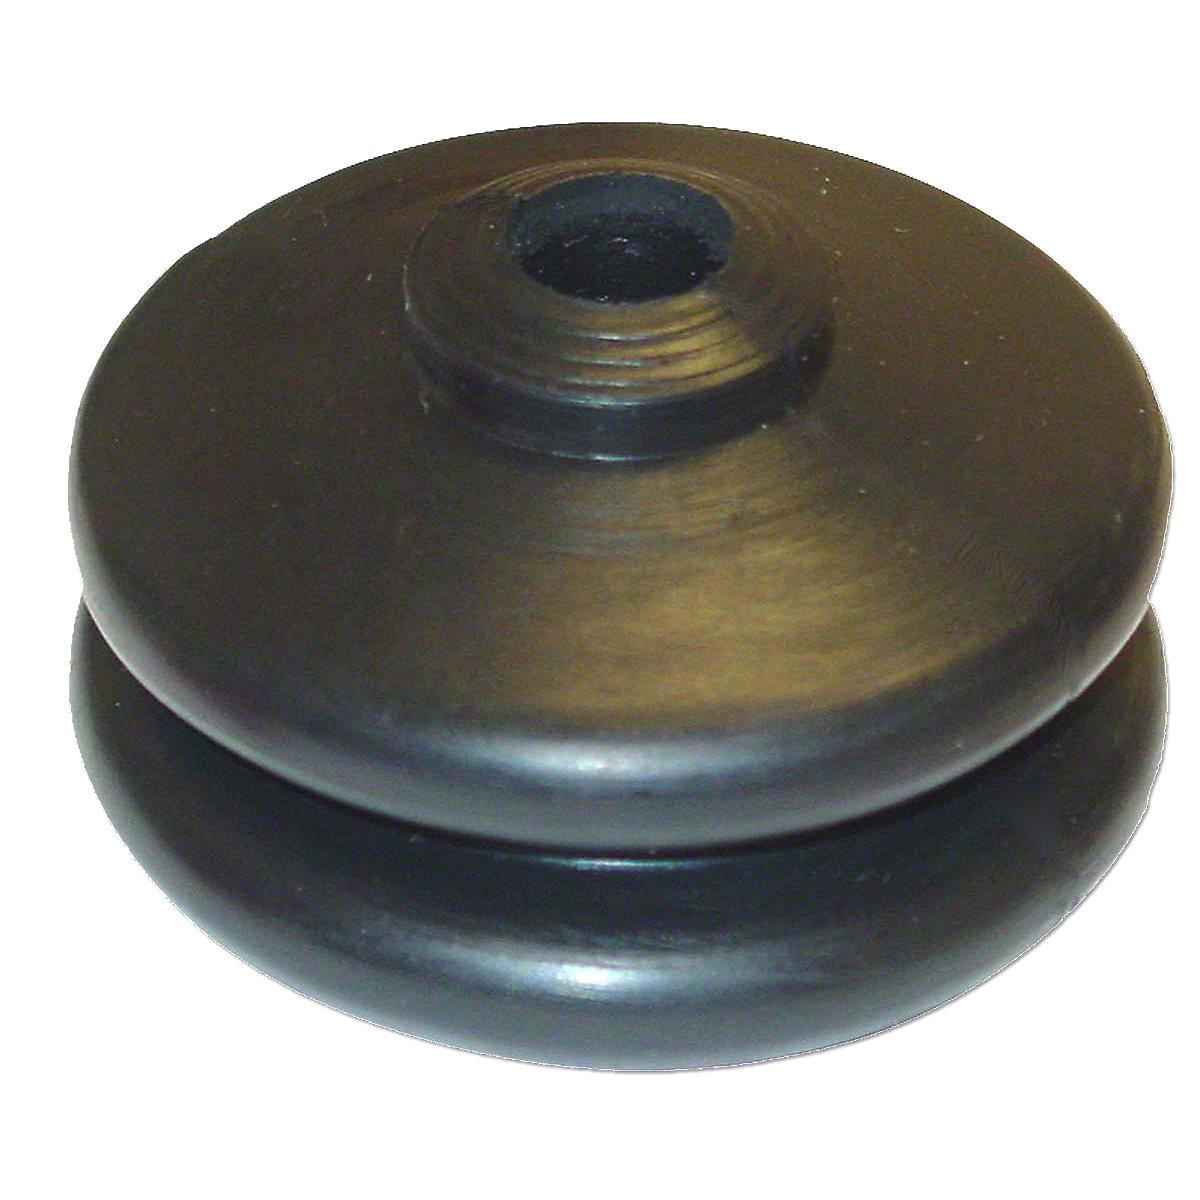 Gear Shift Boot For Allis Chalmers: B, C, CA, D10, D12, D14, D15, ED40, I40, I400, I60, IB, RC, WC, WD, WD45, WF.